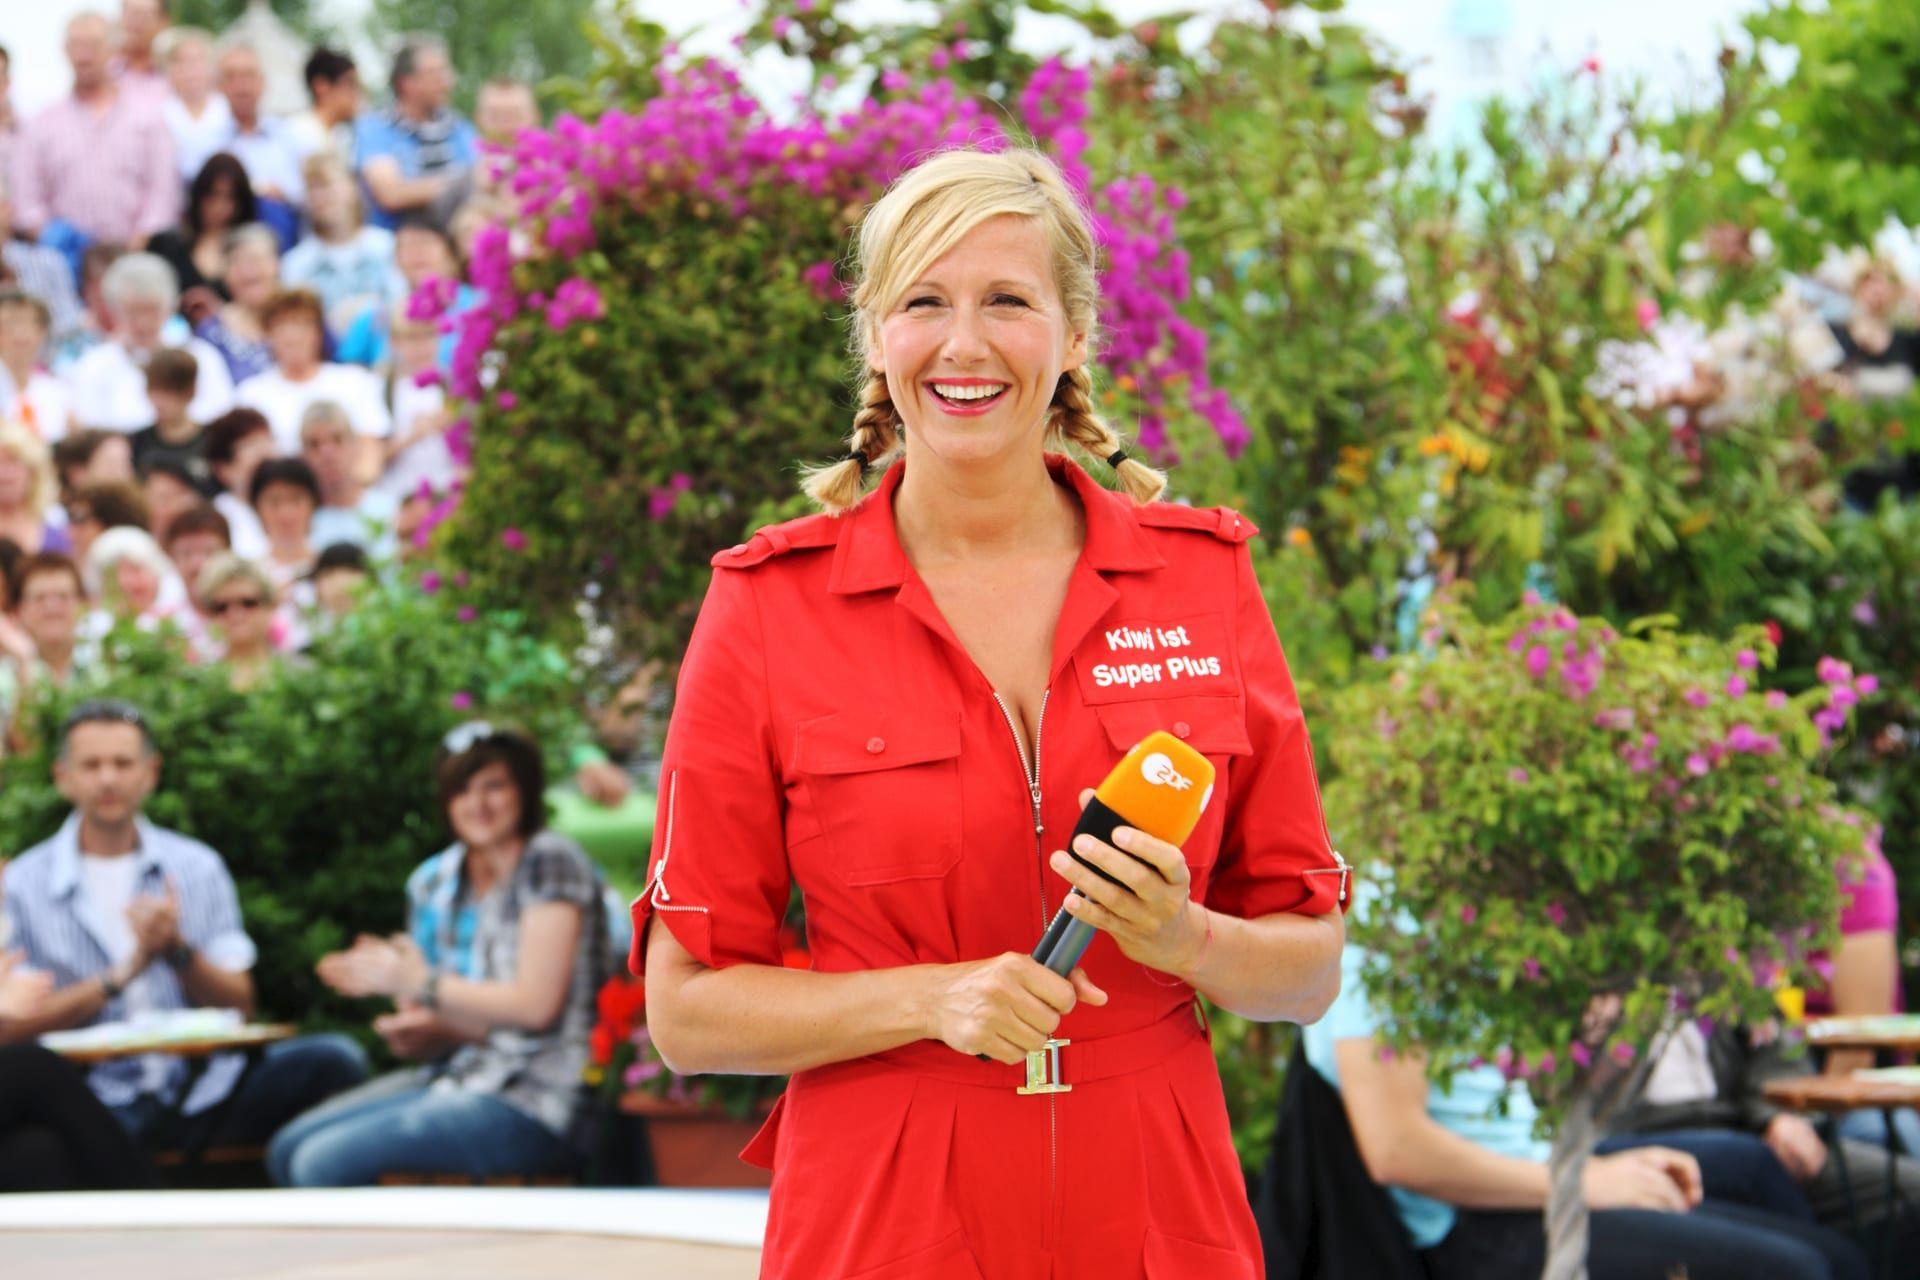 Sonniges Fuerteventura Erste Bilder Vom Fernsehgarten On Tour Schlagerfieber De Zdf Fernsehgarten Andreas Maite Kelly